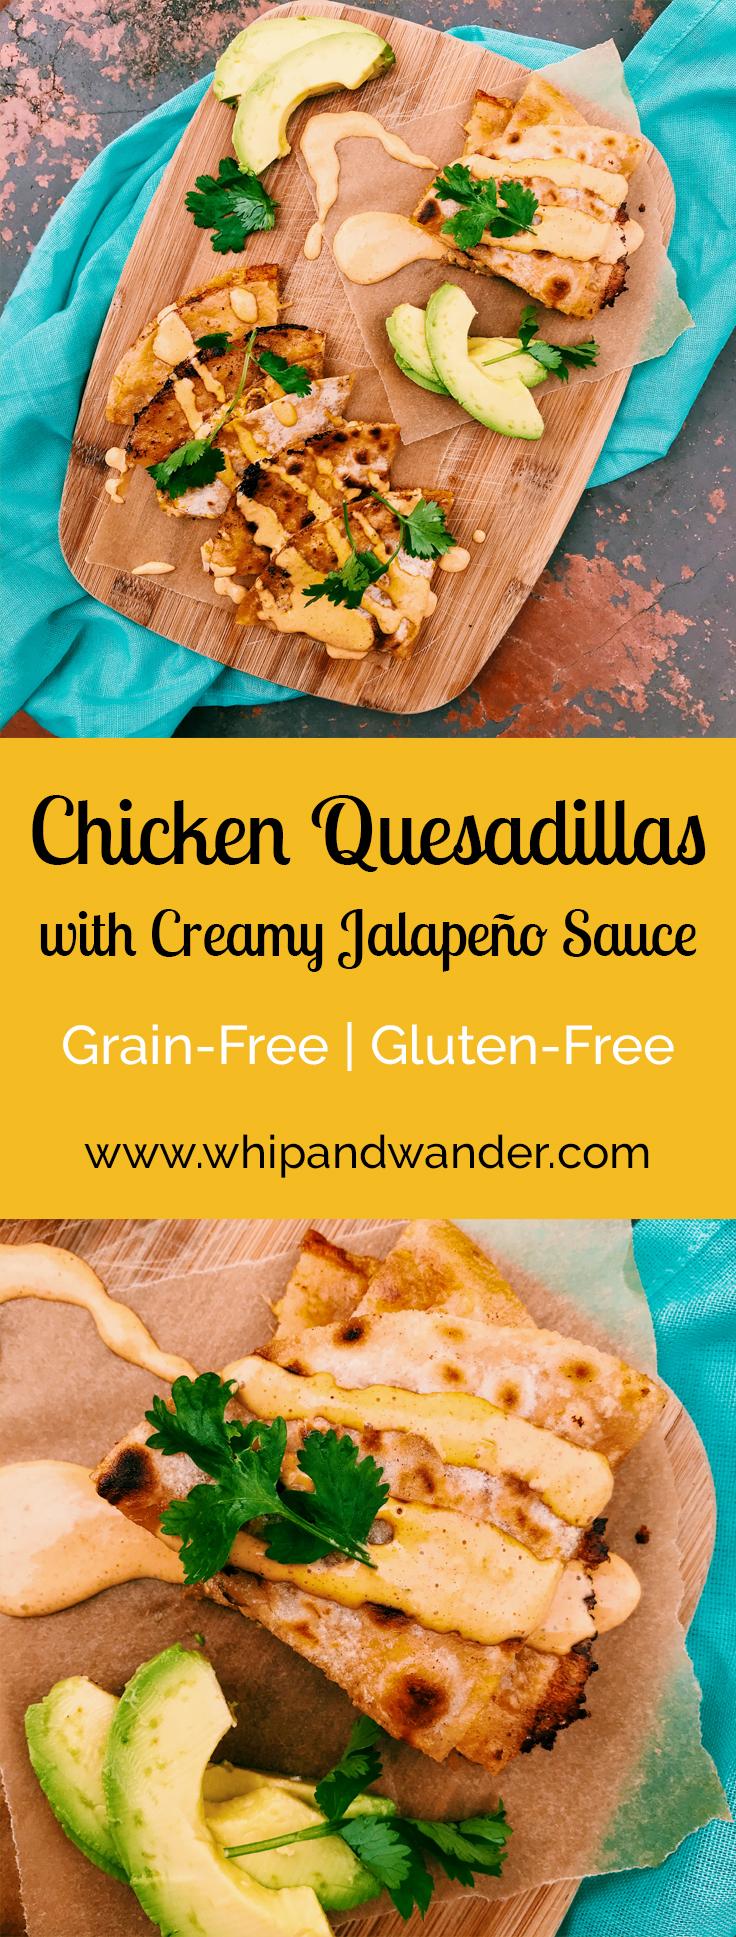 Grain-Free Chicken Quesadillas